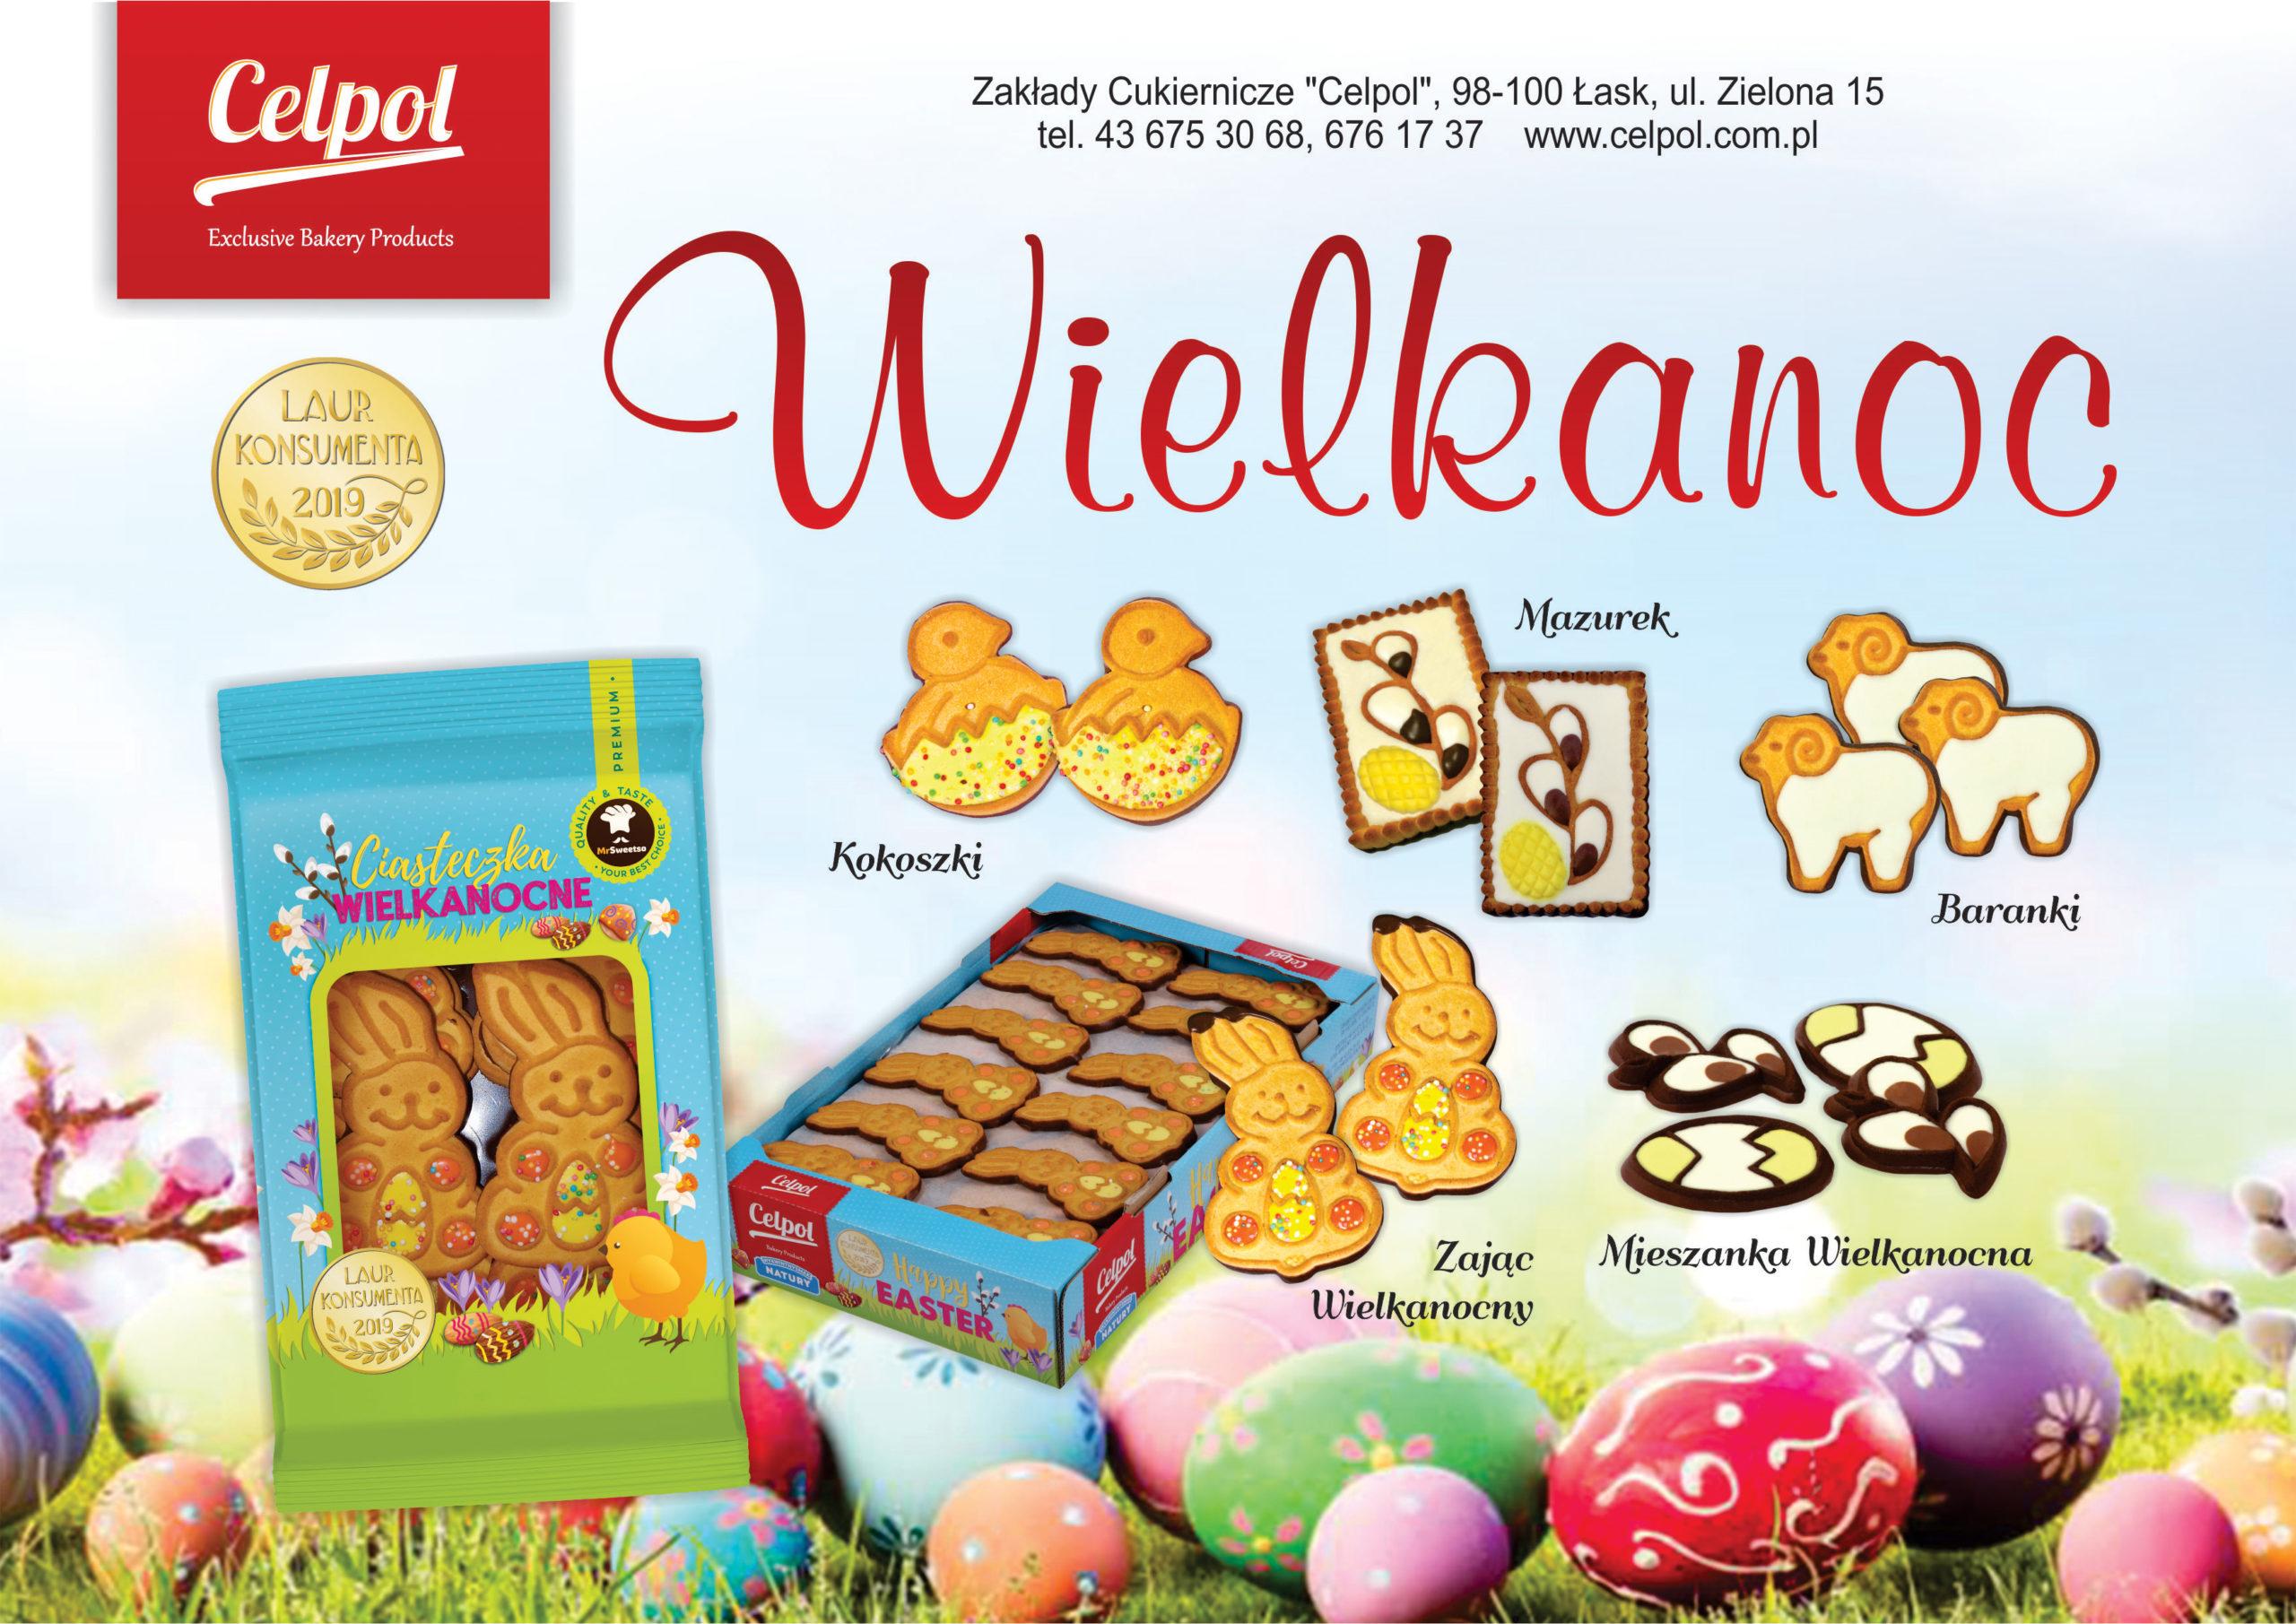 Oferta na Wielkanoc od Celpol